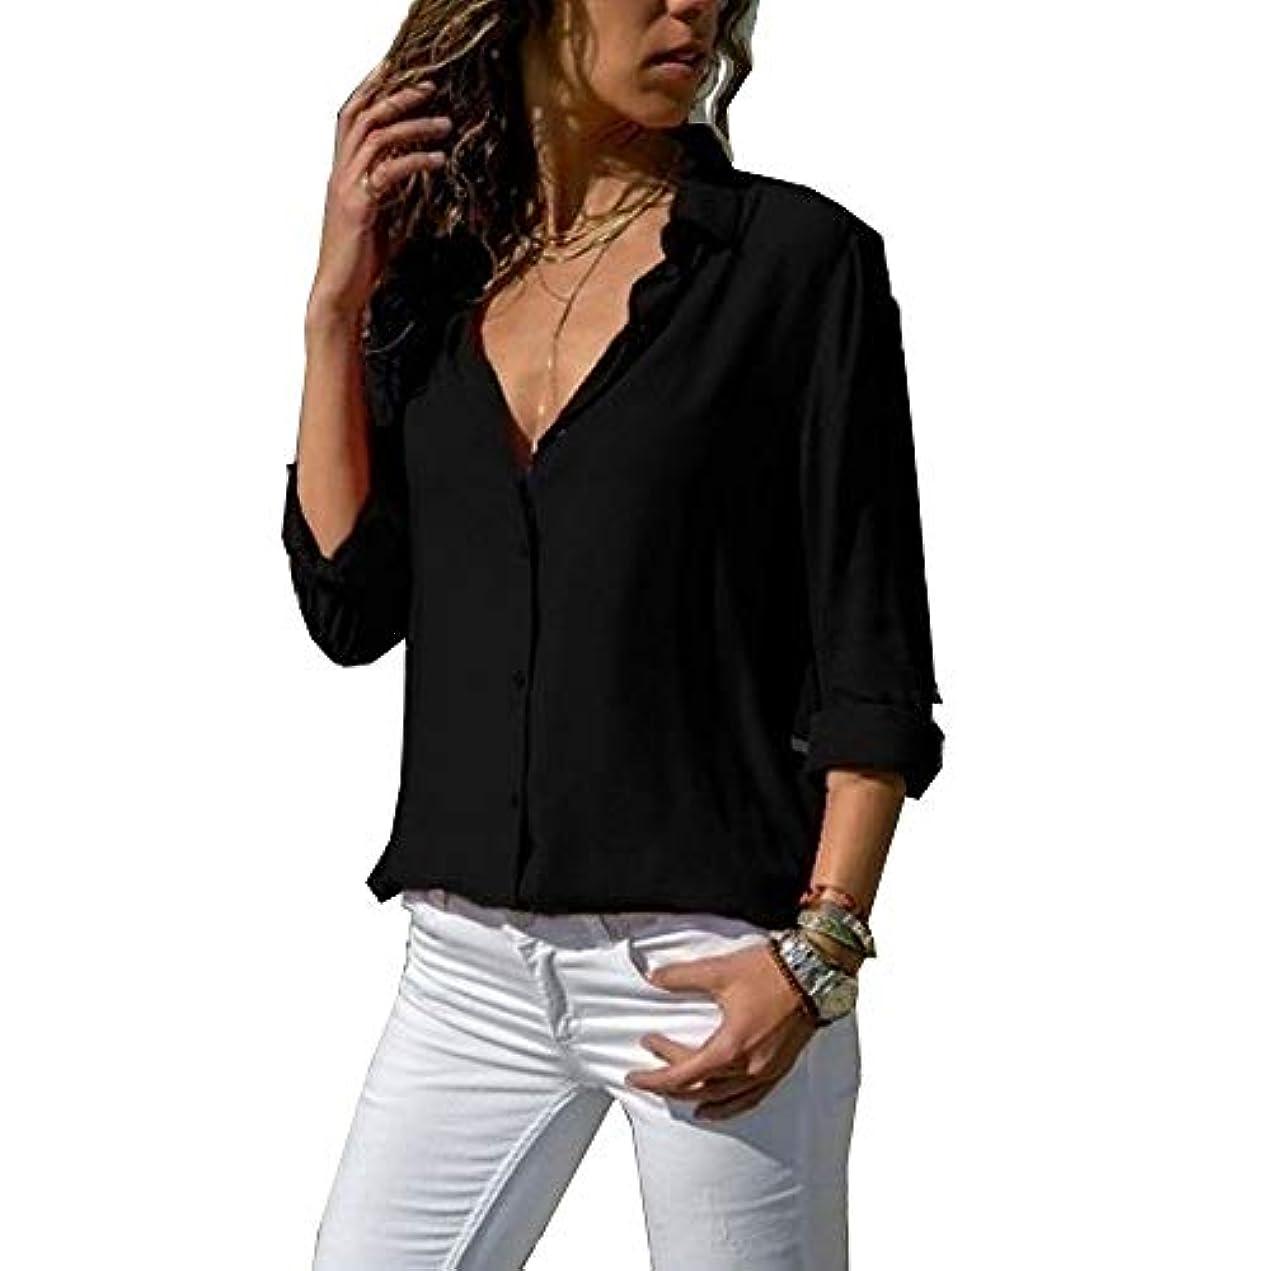 通貨スペインエキサイティングMIFAN ルーズシャツ、トップス&Tシャツ、プラスサイズ、トップス&ブラウス、シフォンブラウス、女性トップス、シフォンシャツ